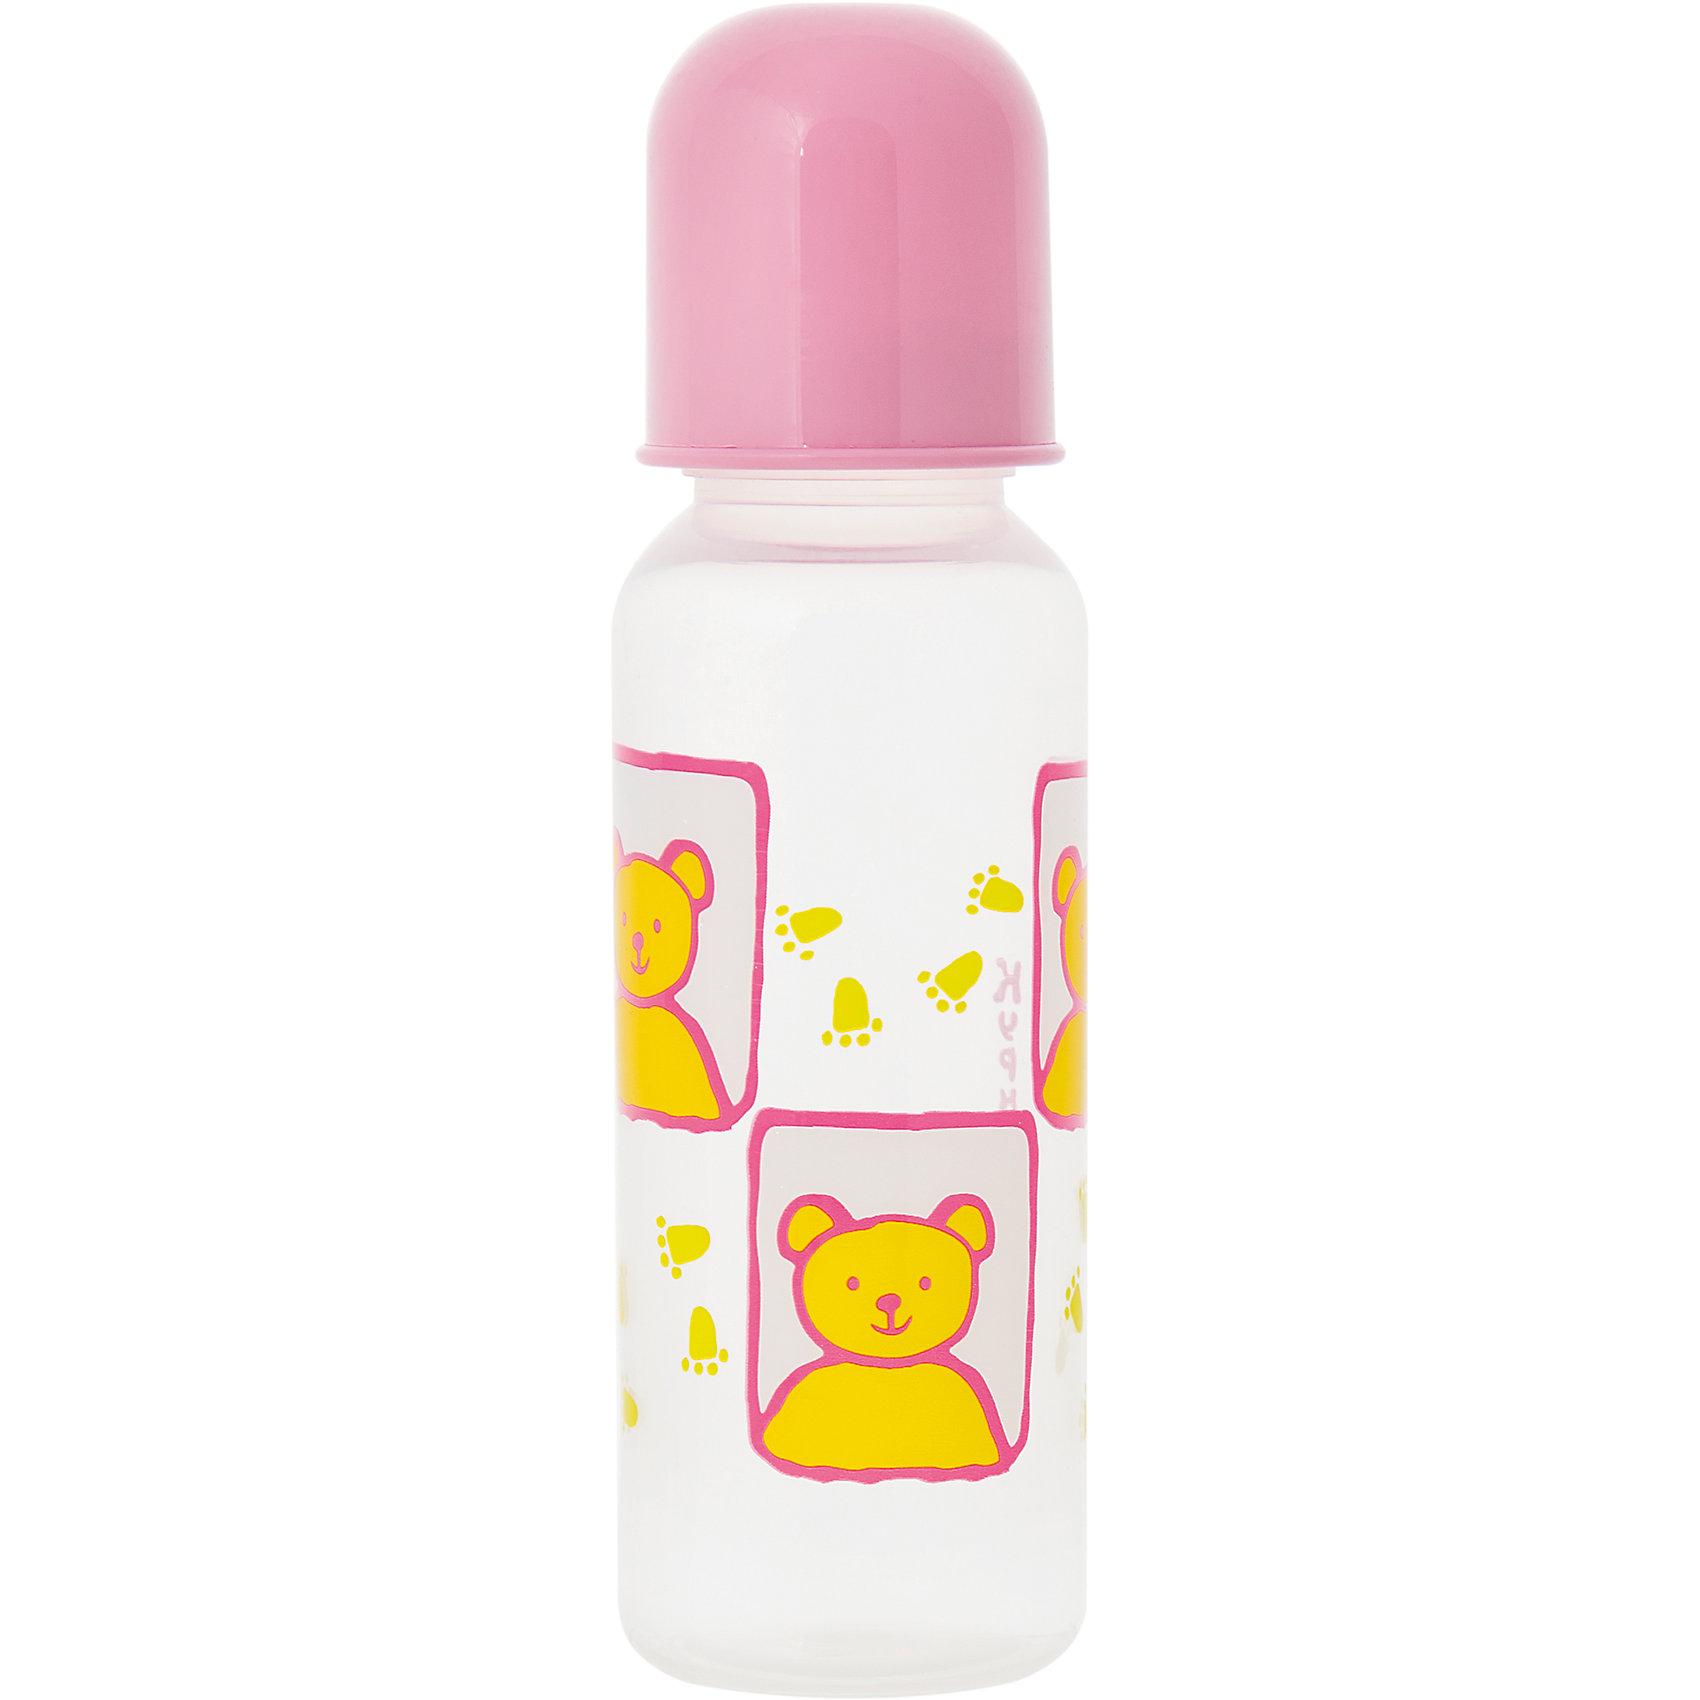 Бутылочка с крышкой и силиконовой соской, 250 мл, Kurnosiki, розовыйБутылочки и аксессуары<br>Характеристики:<br><br>• Наименование: бутылка для кормления<br>• Рекомендуемый возраст: от 0 месяцев<br>• Пол: для девочки<br>• Объем: 250 мл<br>• Материал: силикон, пластик<br>• Цвет: розовый, желтый<br>• Рисунок: медвежонок<br>• Форма соски: классическая<br>• Поток у соски: медленный<br>• Комплектация: бутылочка, соска, колпачок<br>• Узкое горлышко<br>• Вес: 90 г<br>• Можно использовать в СВЧ и посудомоечной машине<br>• Особенности ухода: регулярная стерилизация и своевременная замена соски<br><br>Бутылочка с крышкой и силиконовой соской, 250 мл, Kurnosiki, розовый выполнена из прочного и термостойкого пластика, на котором не появляются царапины и сколы. У бутылочки узкое горлышко. Силиконовая соска классической формы, не имеет цвета и запаха, обладает повышенными гипоаллергенными свойствами. <br><br>Изделие выполнено в стильном дизайне: на бутылочку нанесено брендовое изображение медвежонка. Рисунок устойчив к выцветанию и истиранию. Бутылочка с крышкой и силиконовой соской, 250 мл, Kurnosiki, розовый – это практичный и стильный предмет для кормления малыша!<br><br>Бутылочку с крышкой и силиконовой соской, 250 мл, Kurnosiki, розовый можно купить в нашем интернет-магазине.<br><br>Ширина мм: 55<br>Глубина мм: 75<br>Высота мм: 210<br>Вес г: 78<br>Возраст от месяцев: 0<br>Возраст до месяцев: 18<br>Пол: Женский<br>Возраст: Детский<br>SKU: 5428793